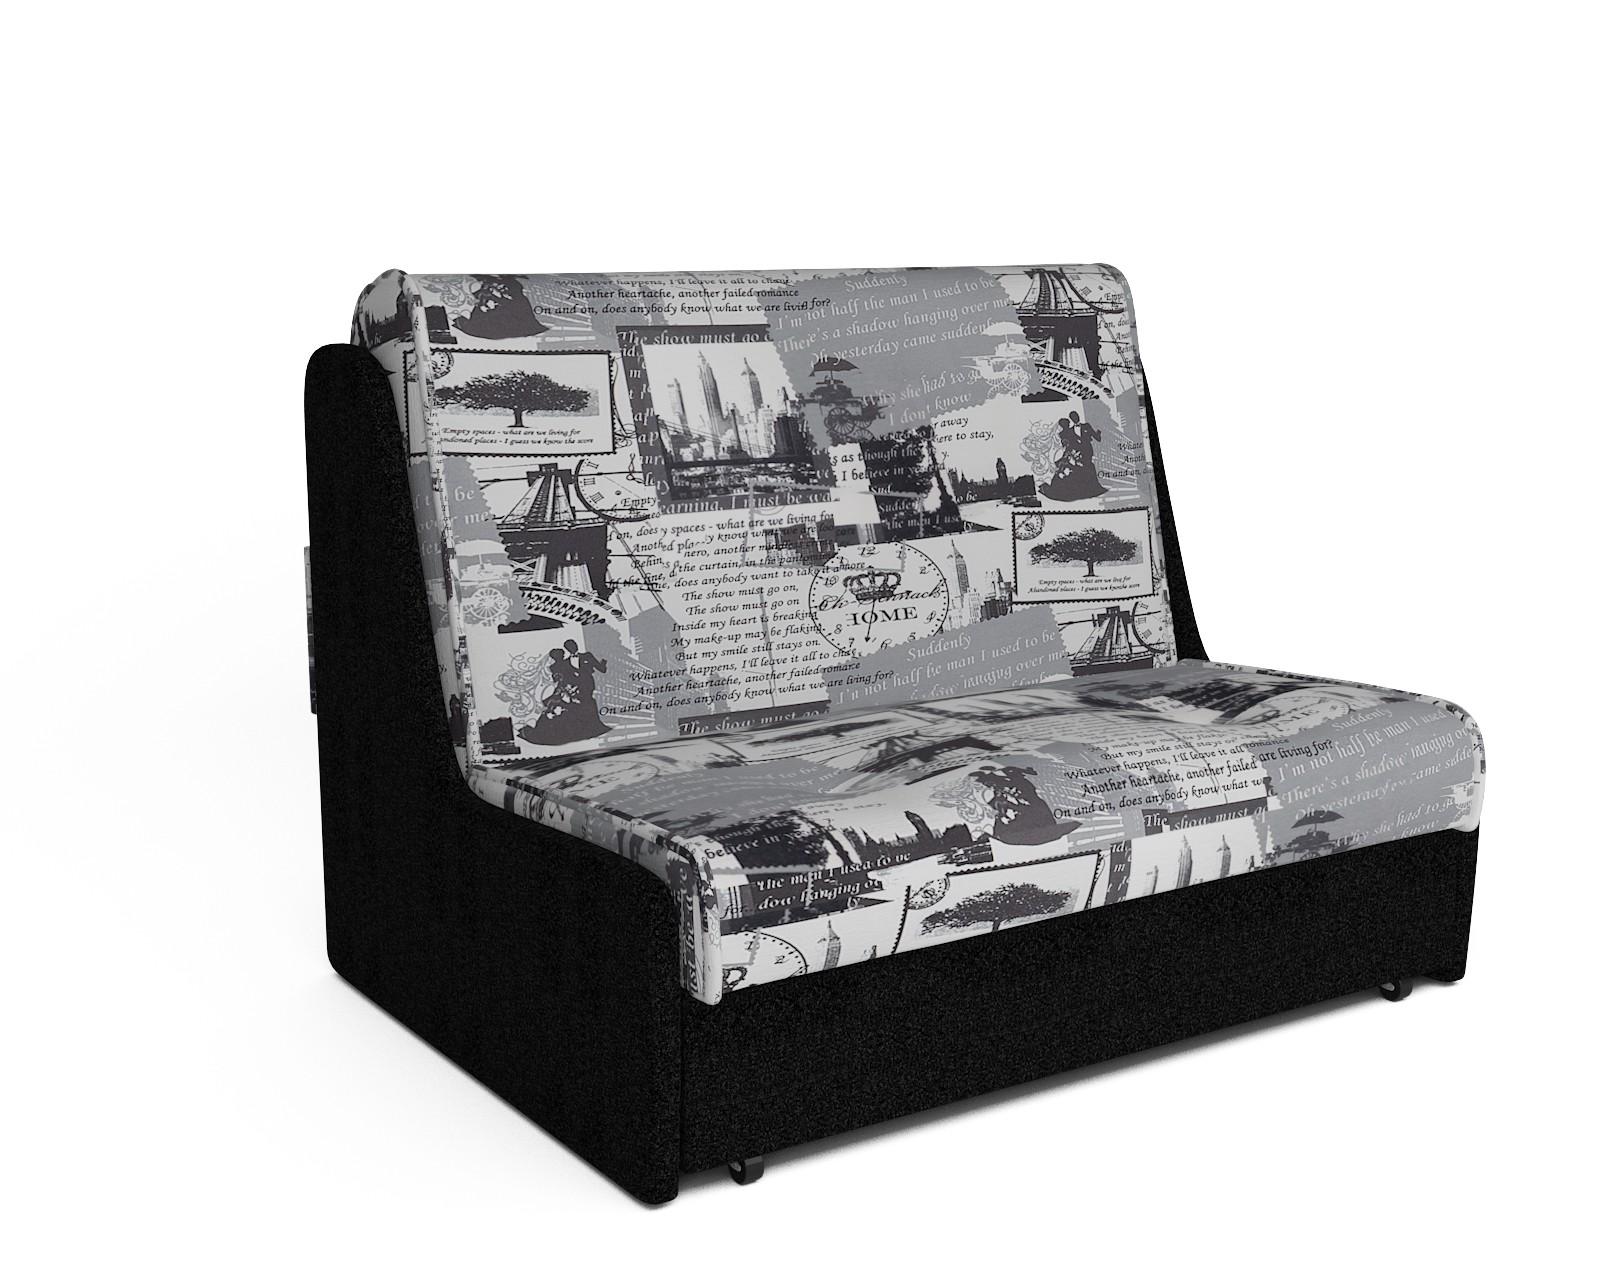 купить диван аккордеон газета недорого от производителя с доставкой